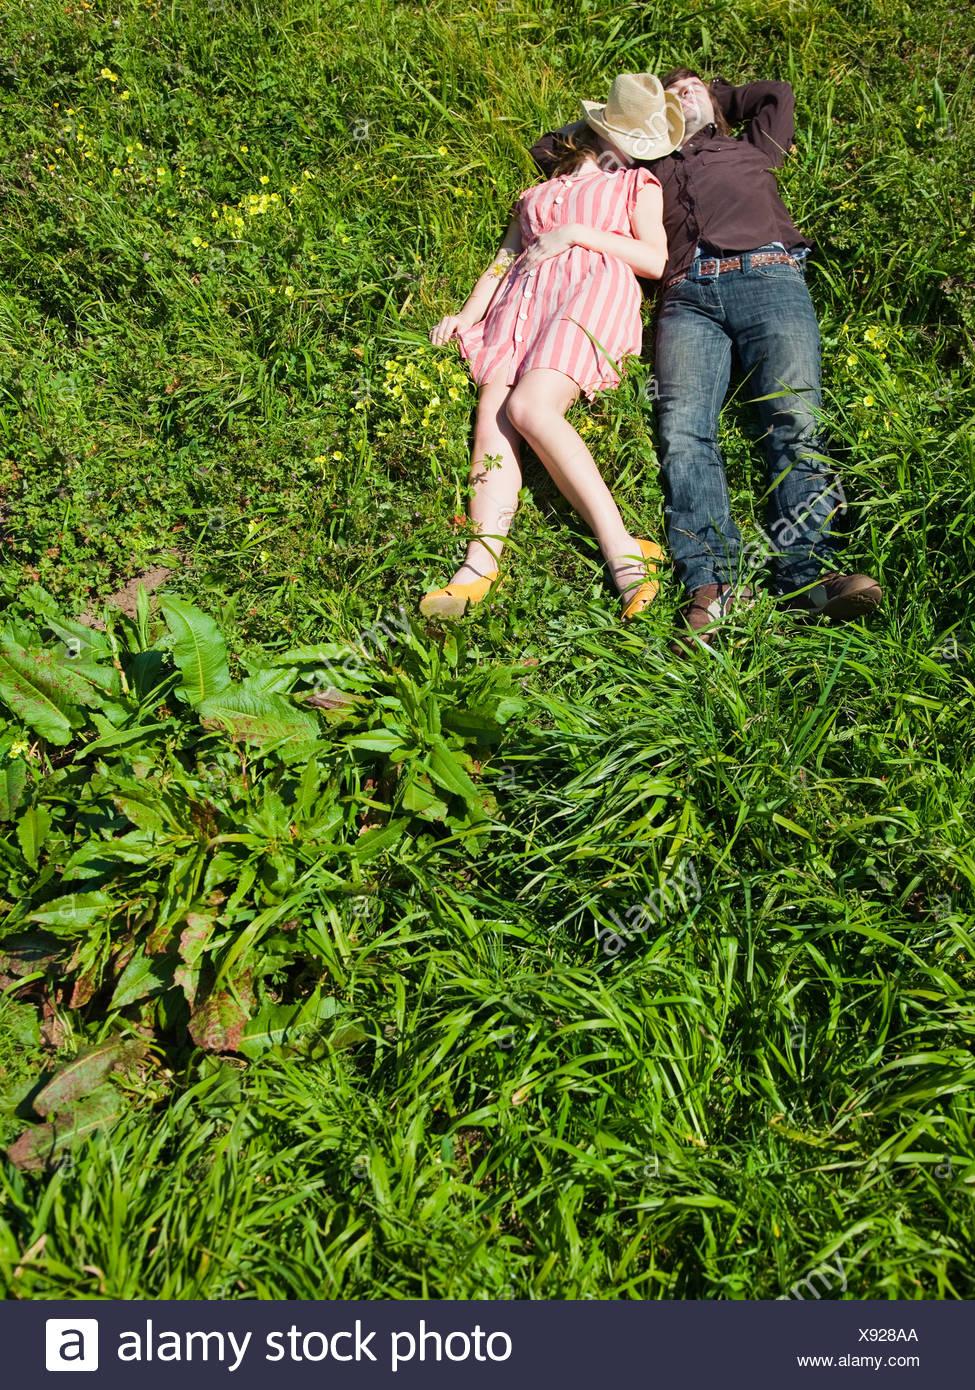 USA, Kalifornien, San Francisco, junges Paar auf Rücken auf dem Rasen liegend Stockbild